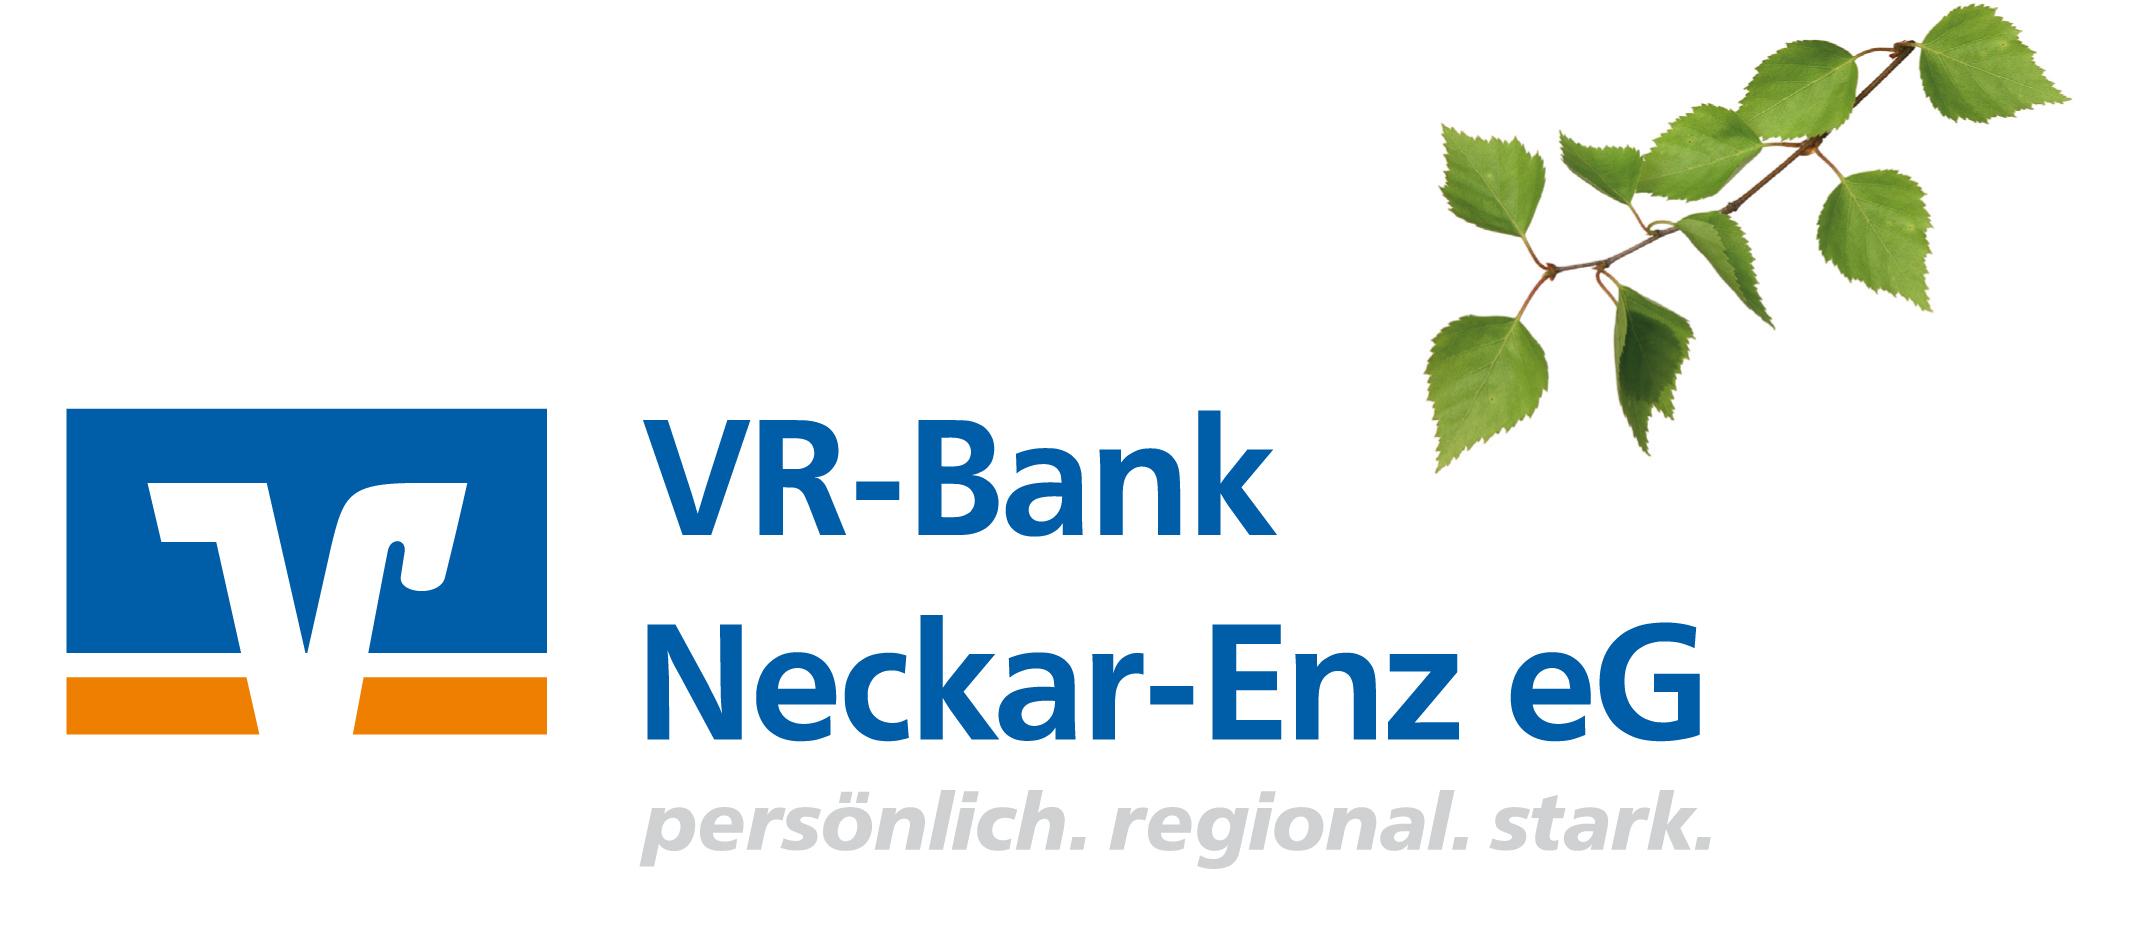 VR-Bank Neckar-Enz